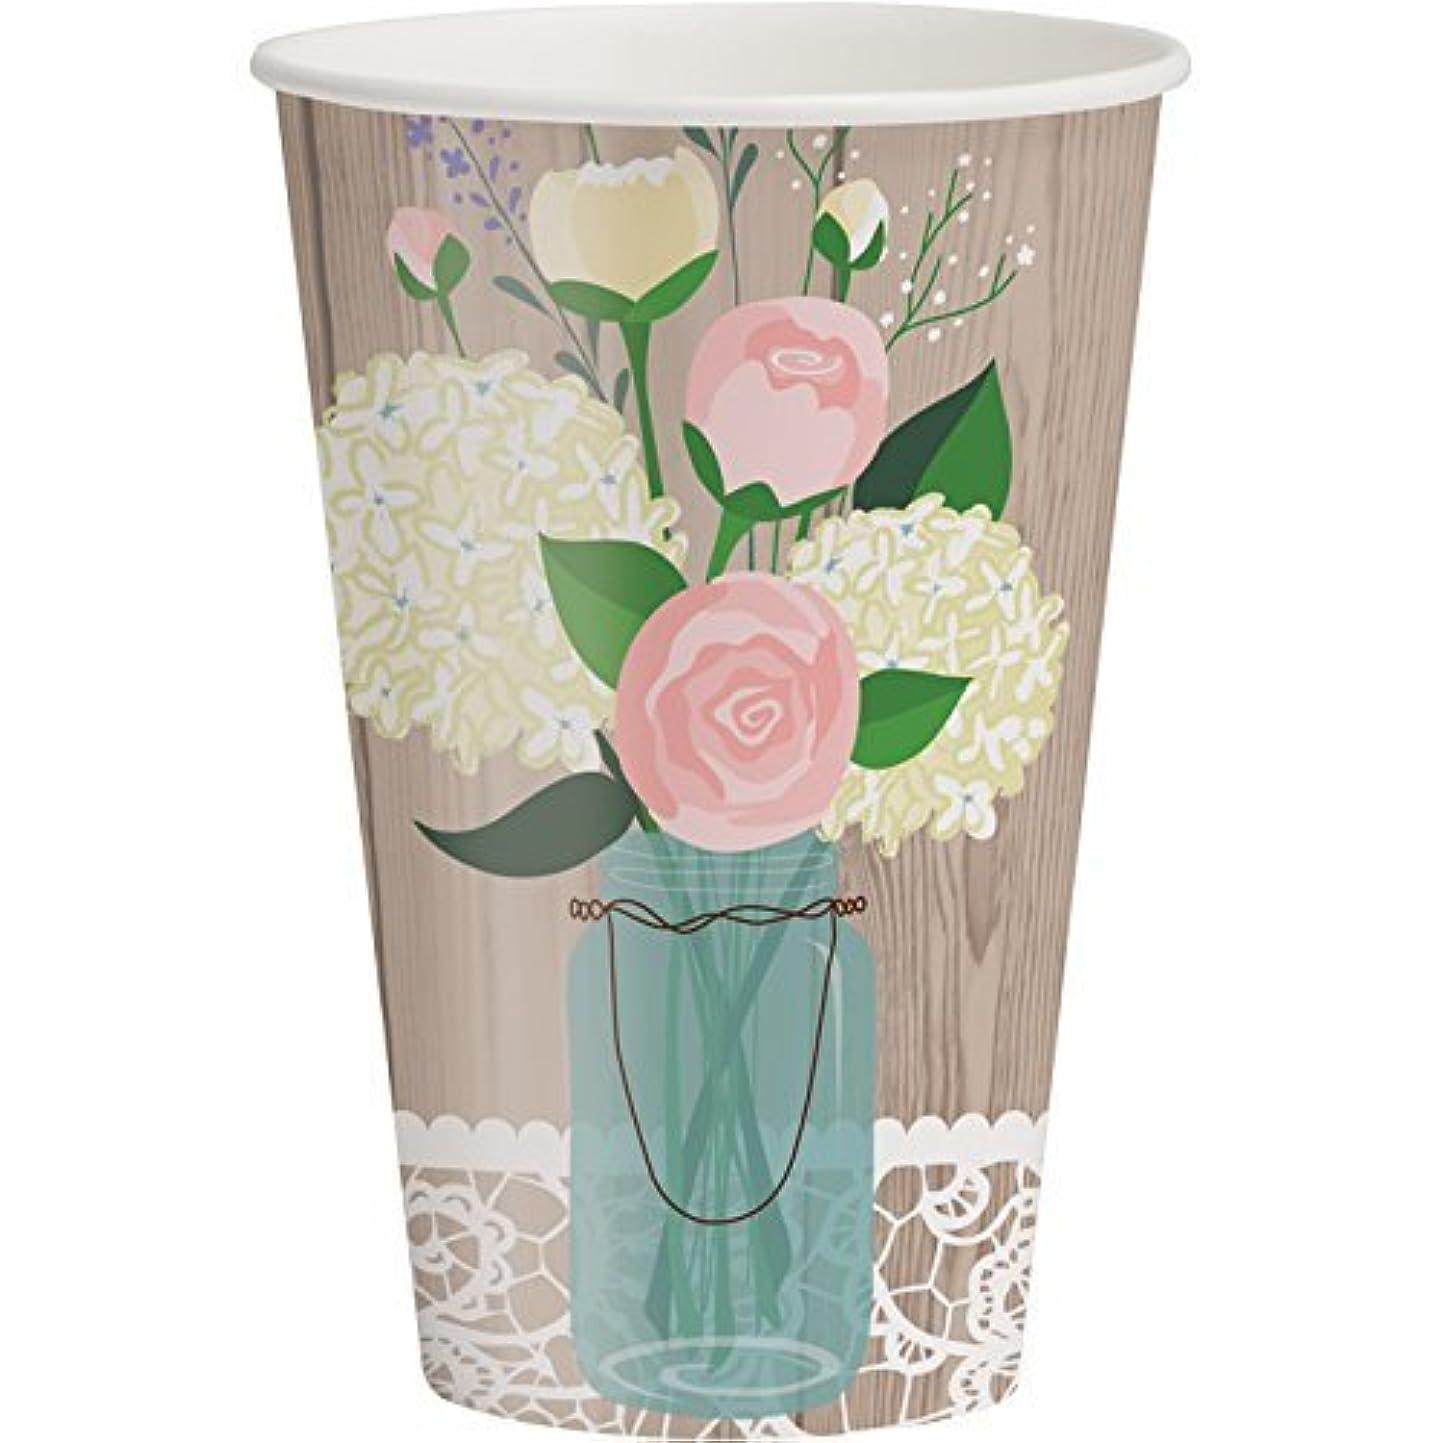 ジェーンオースティンボイラー欲望Creative Converting 378706 Rustic Wedding 350ml Paper Cups (8 Pack), Multicolor